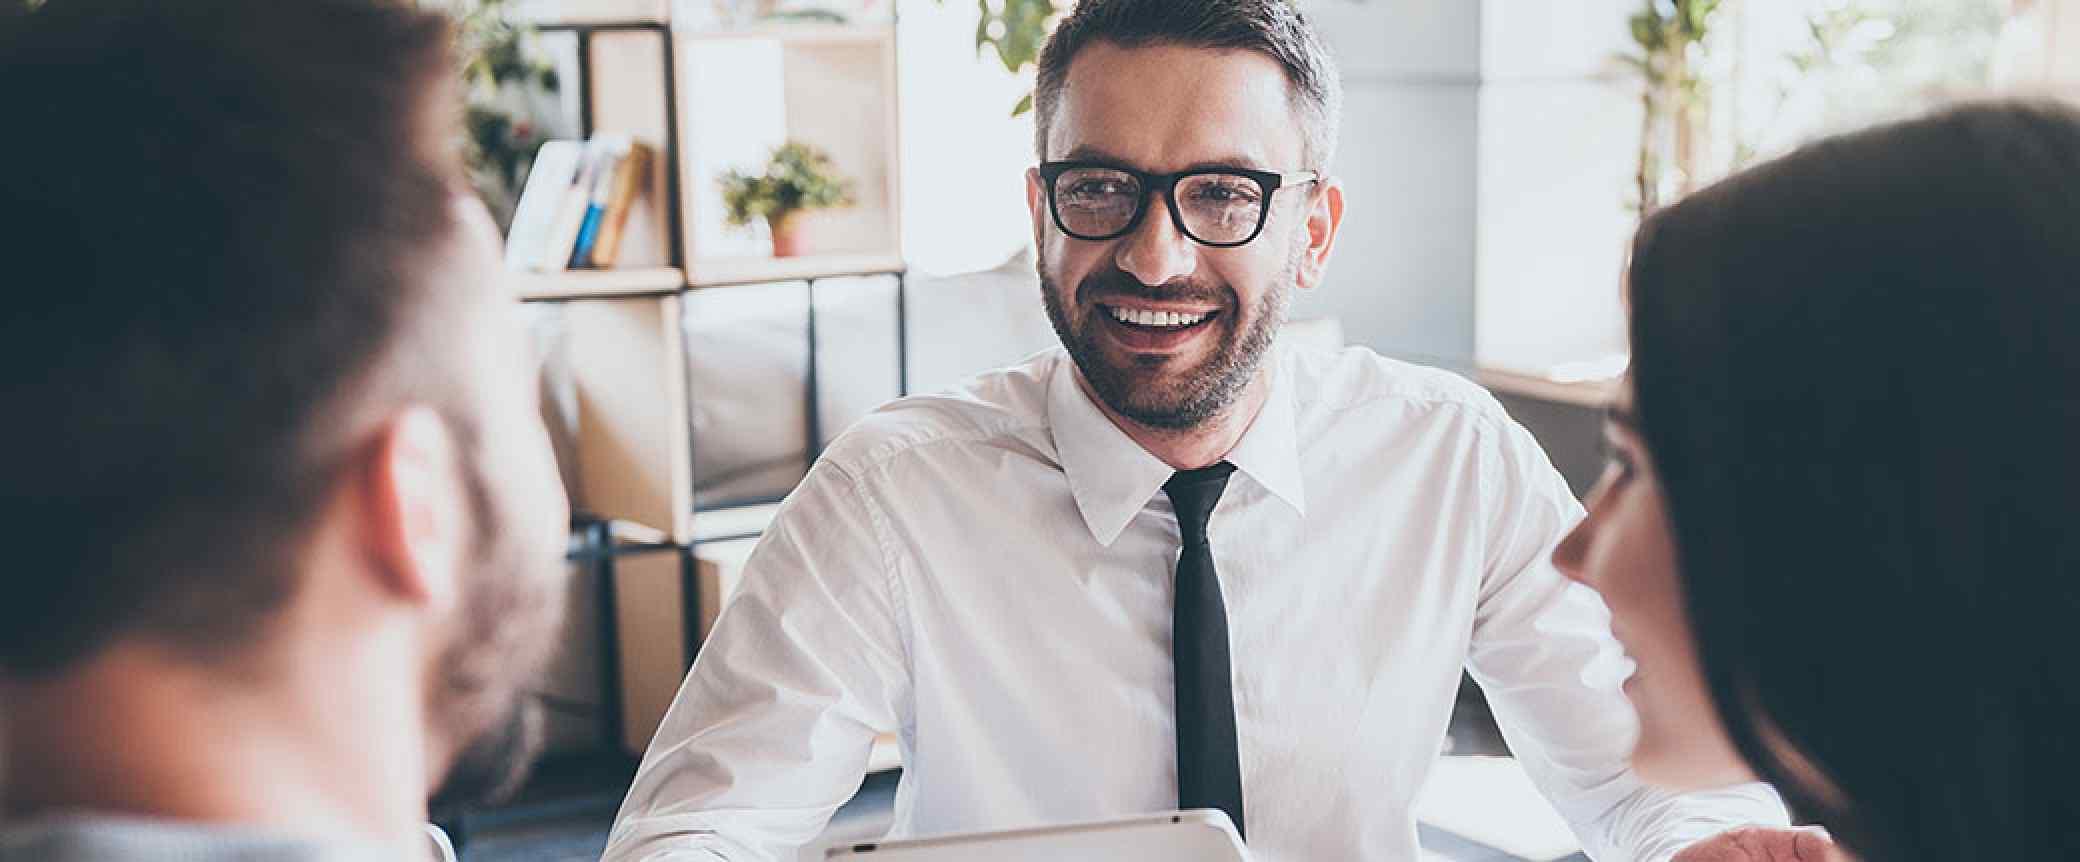 Verkaufstechniken: Wie verkaufe und berate ich erfolgreich?